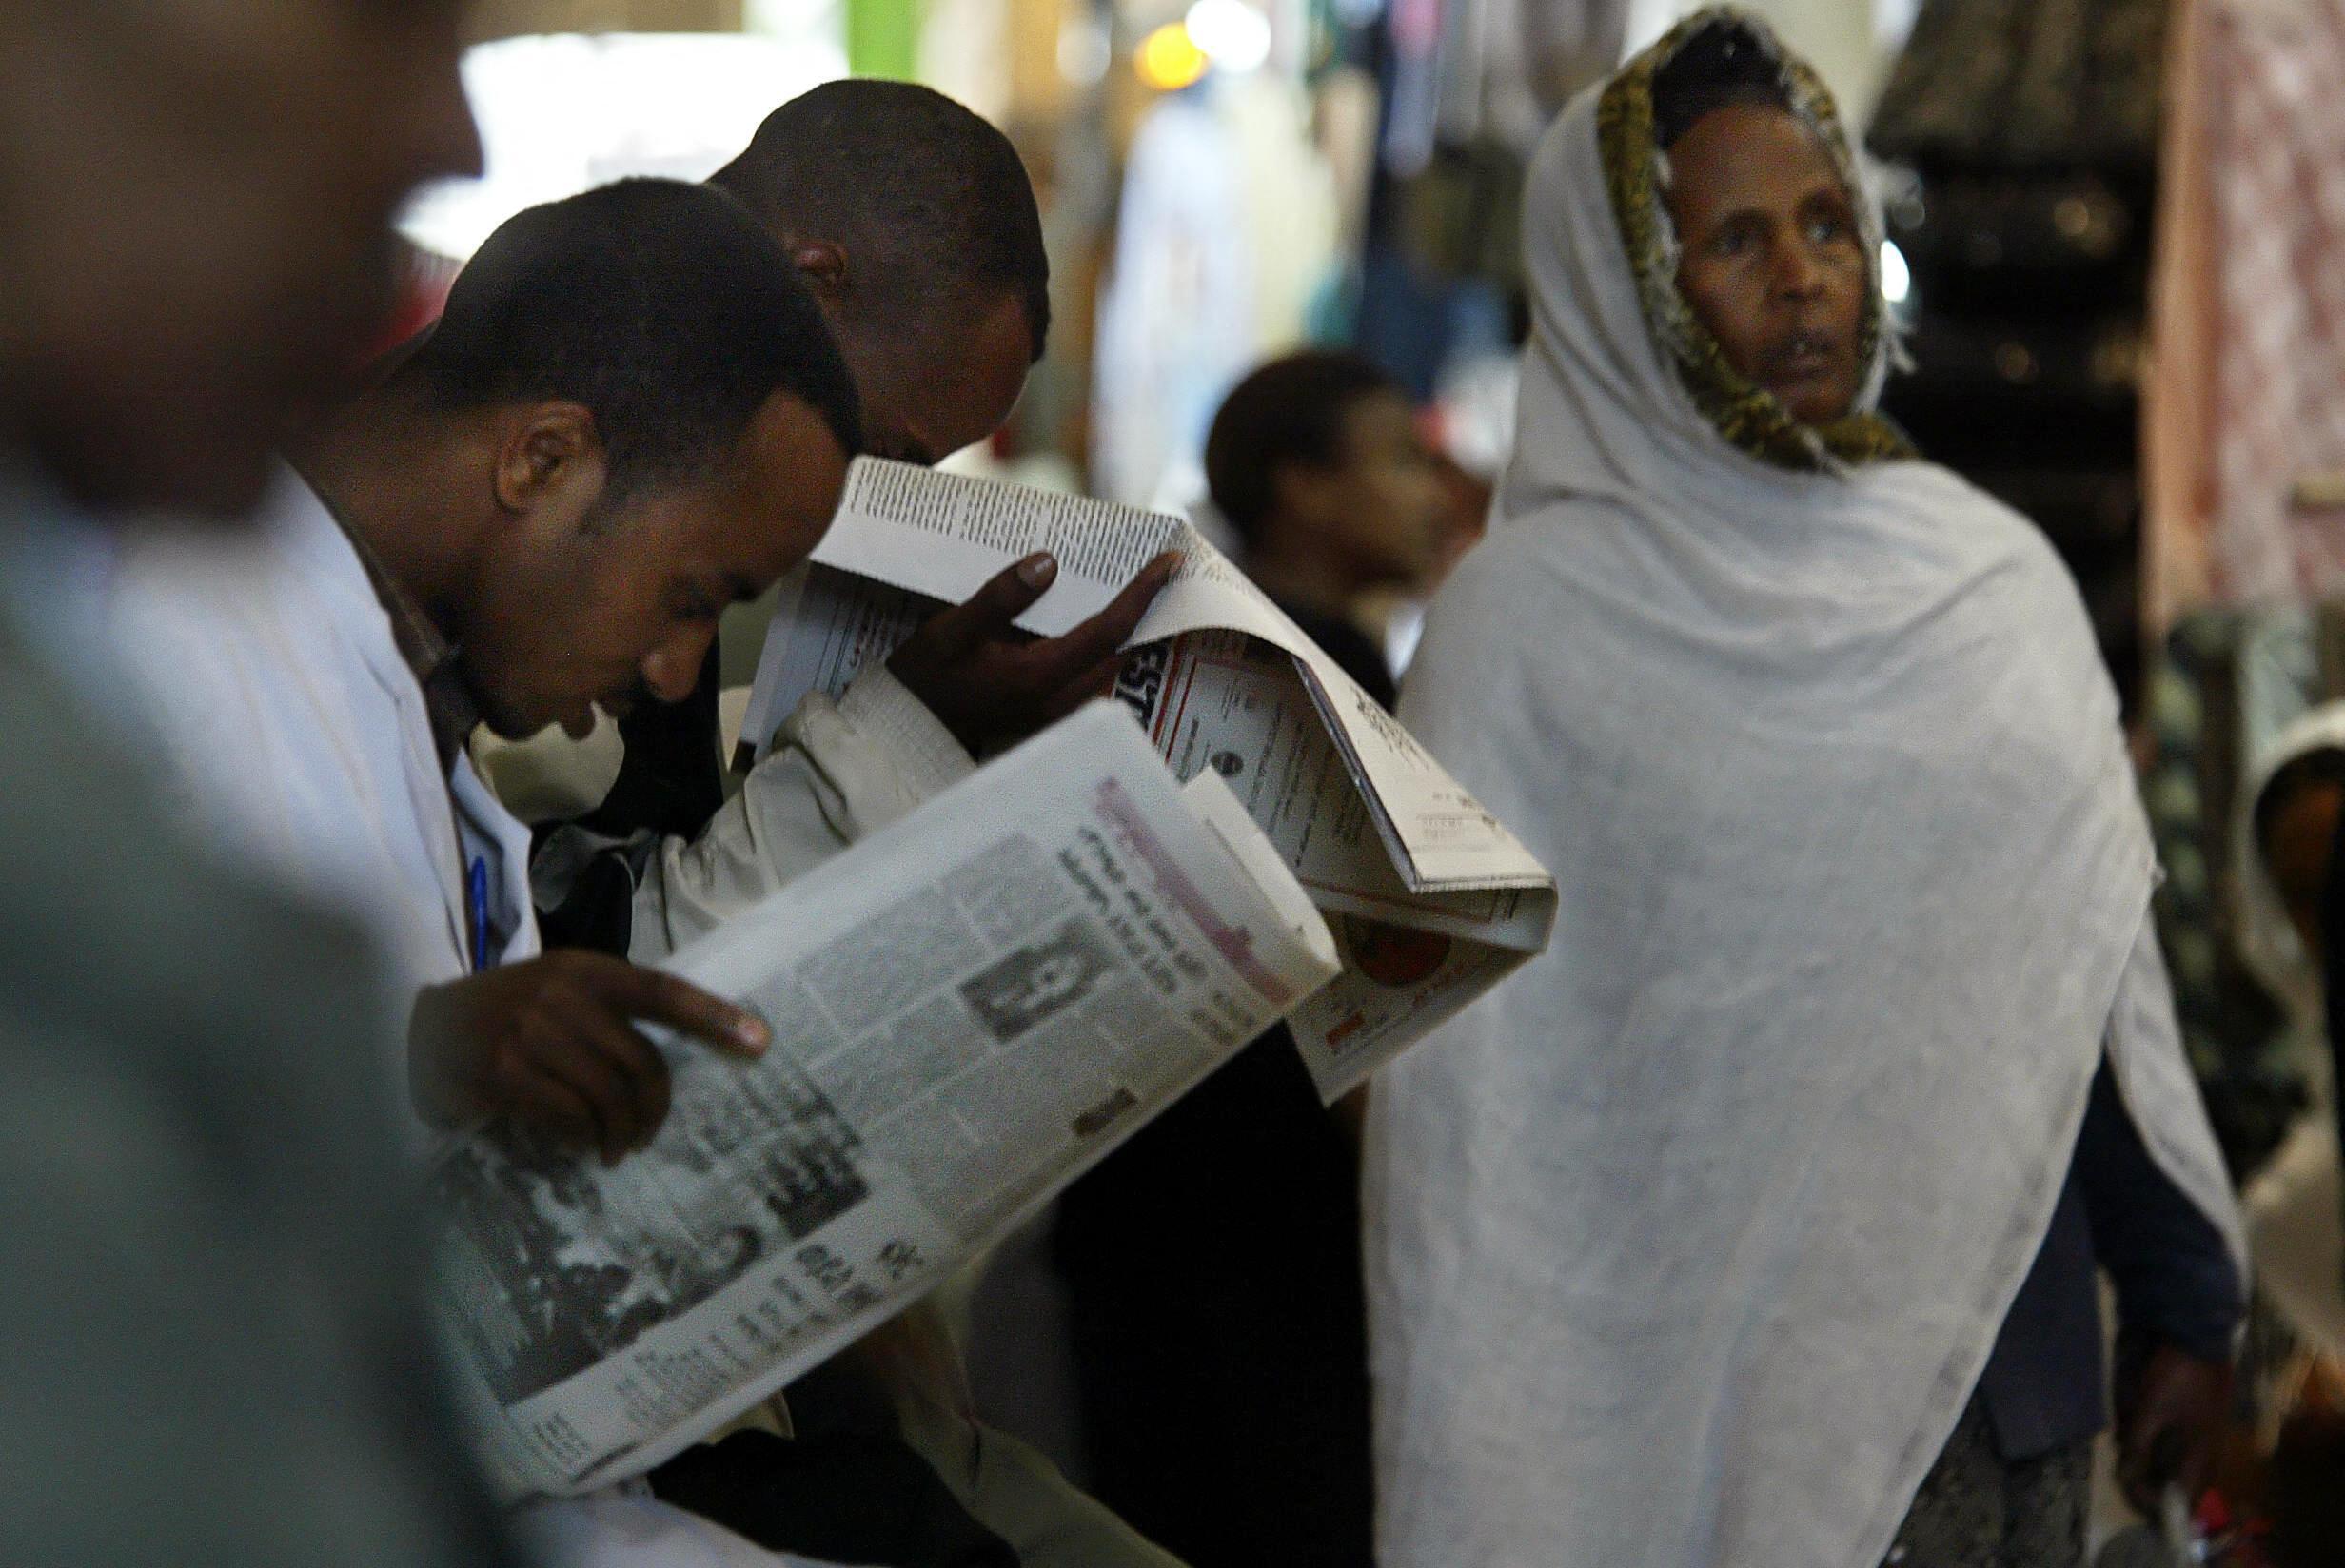 Des lecteurs de la presse éthiopienne à Addis Abeba (illustration)